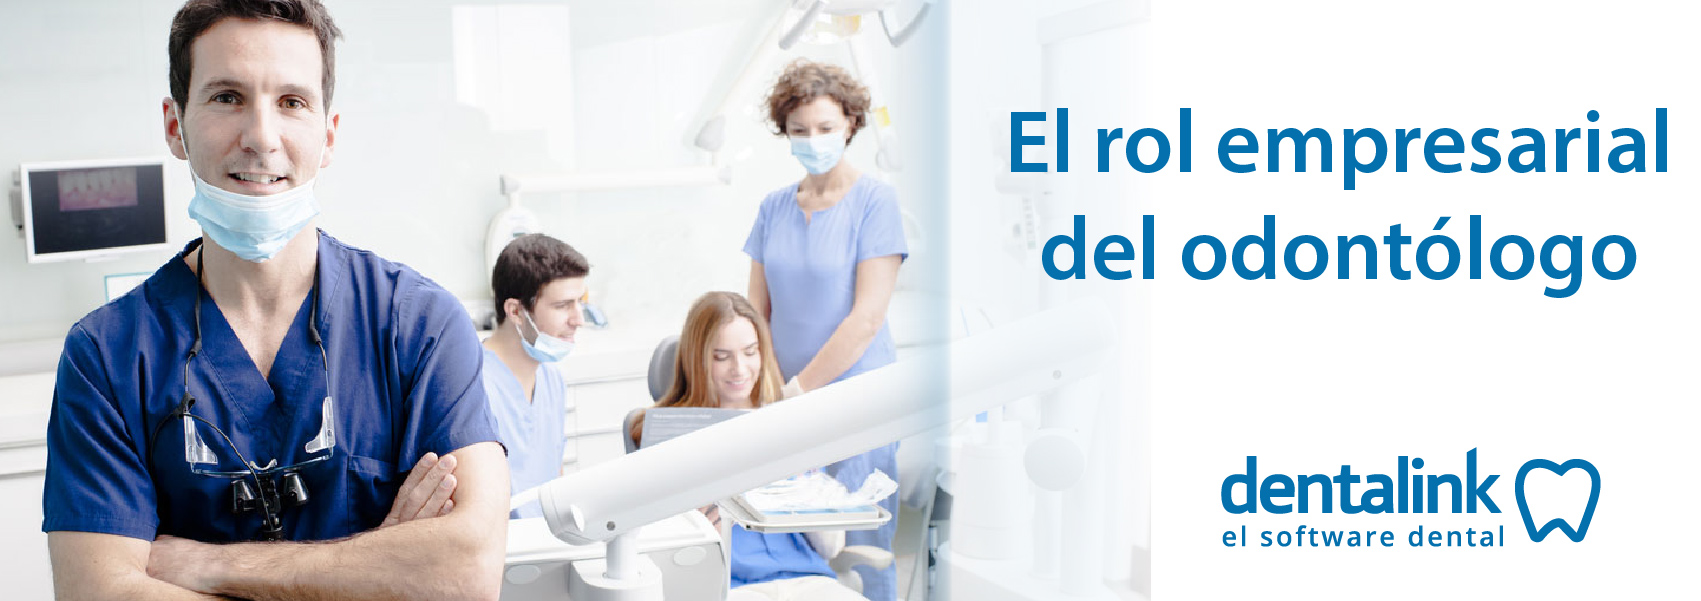 El rol empresarial del odontólogo